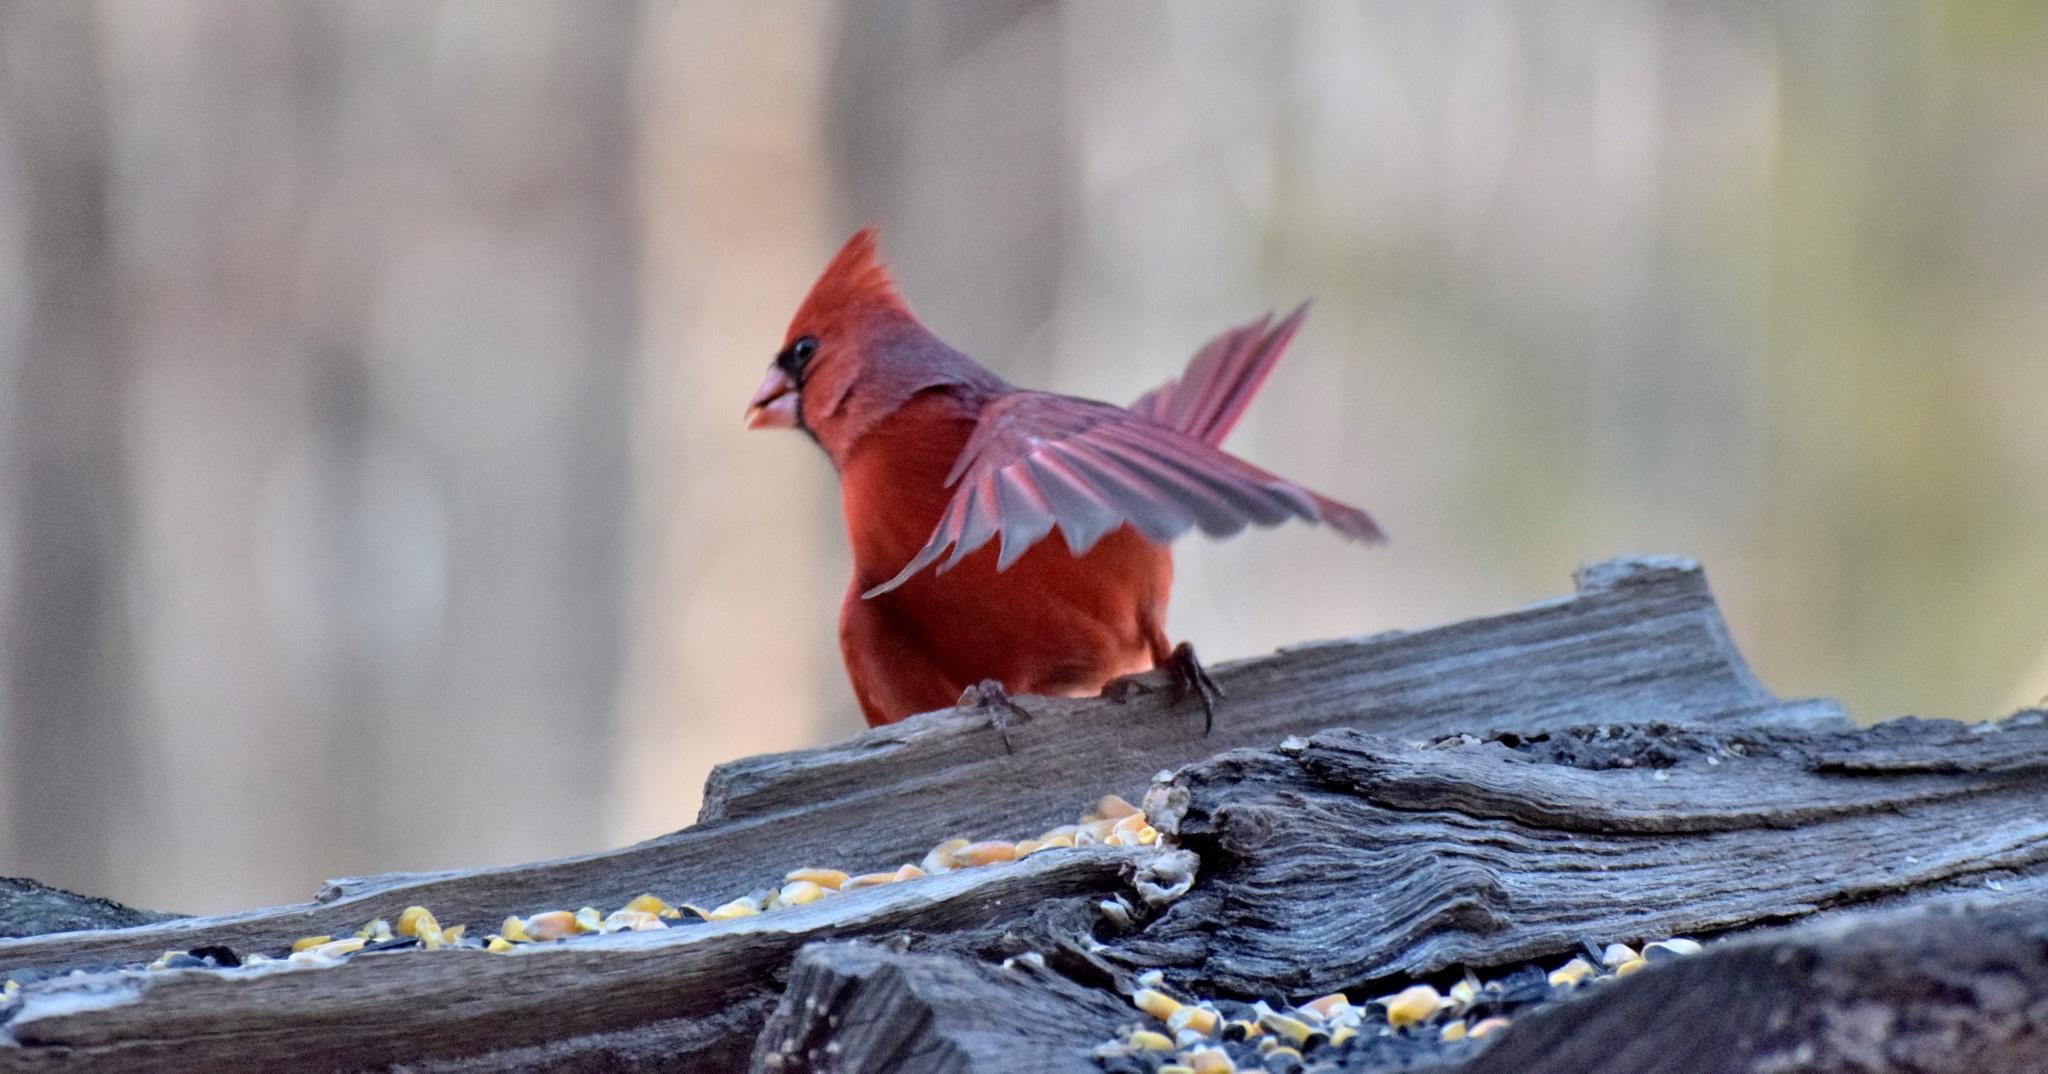 Fly  Birds51~Cardinal by Lawrence Scott Hess